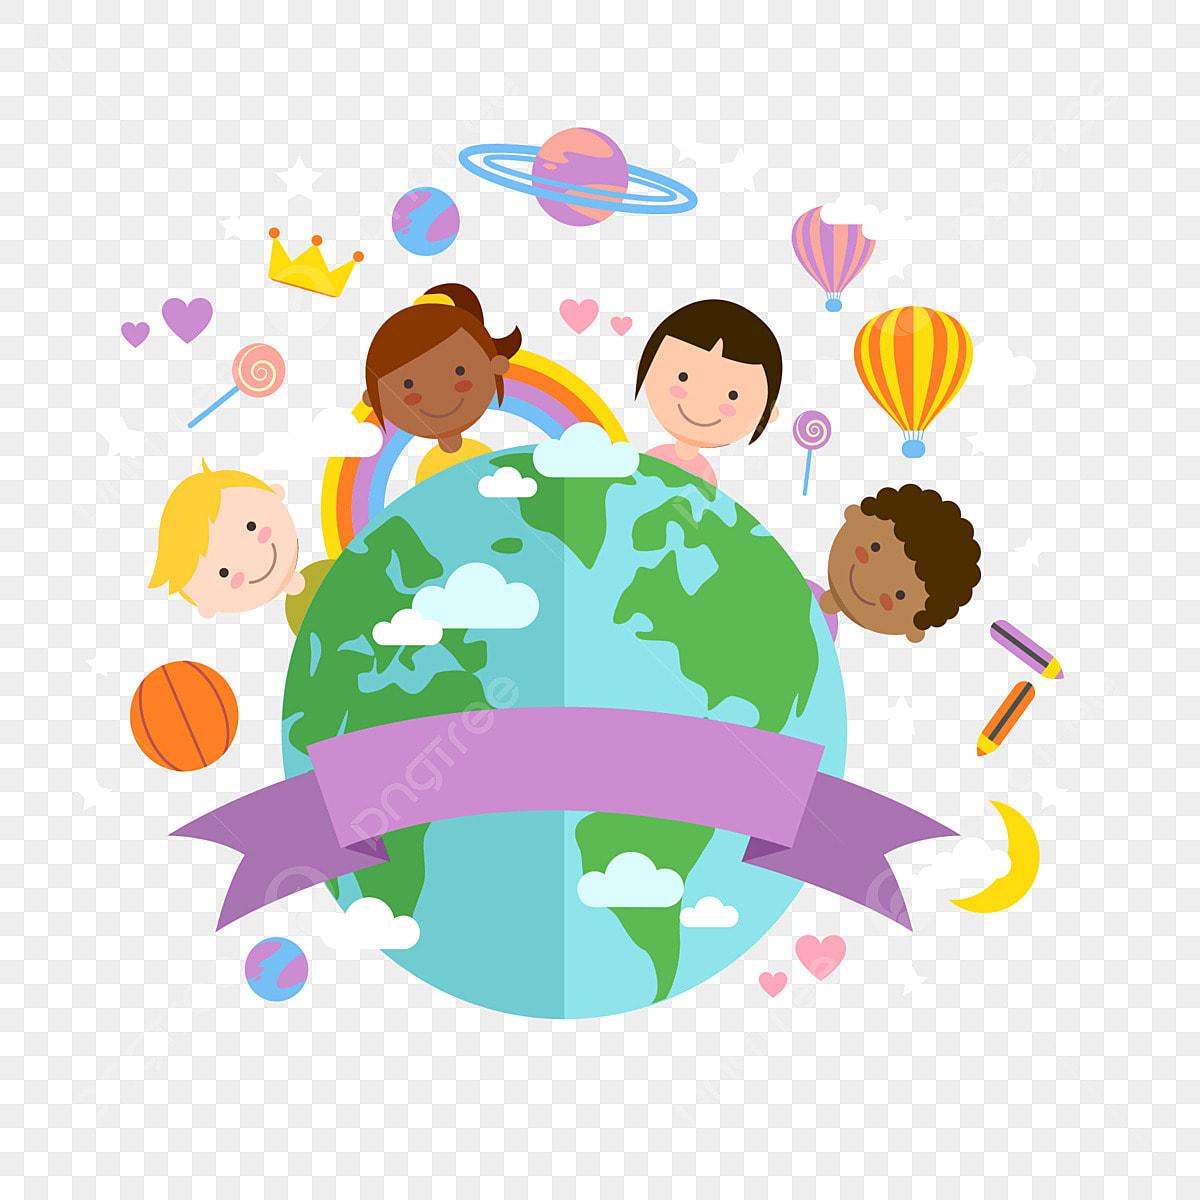 세계 각국이 평화를 친선, 국제 협력, 다른 인종, 오각별무료